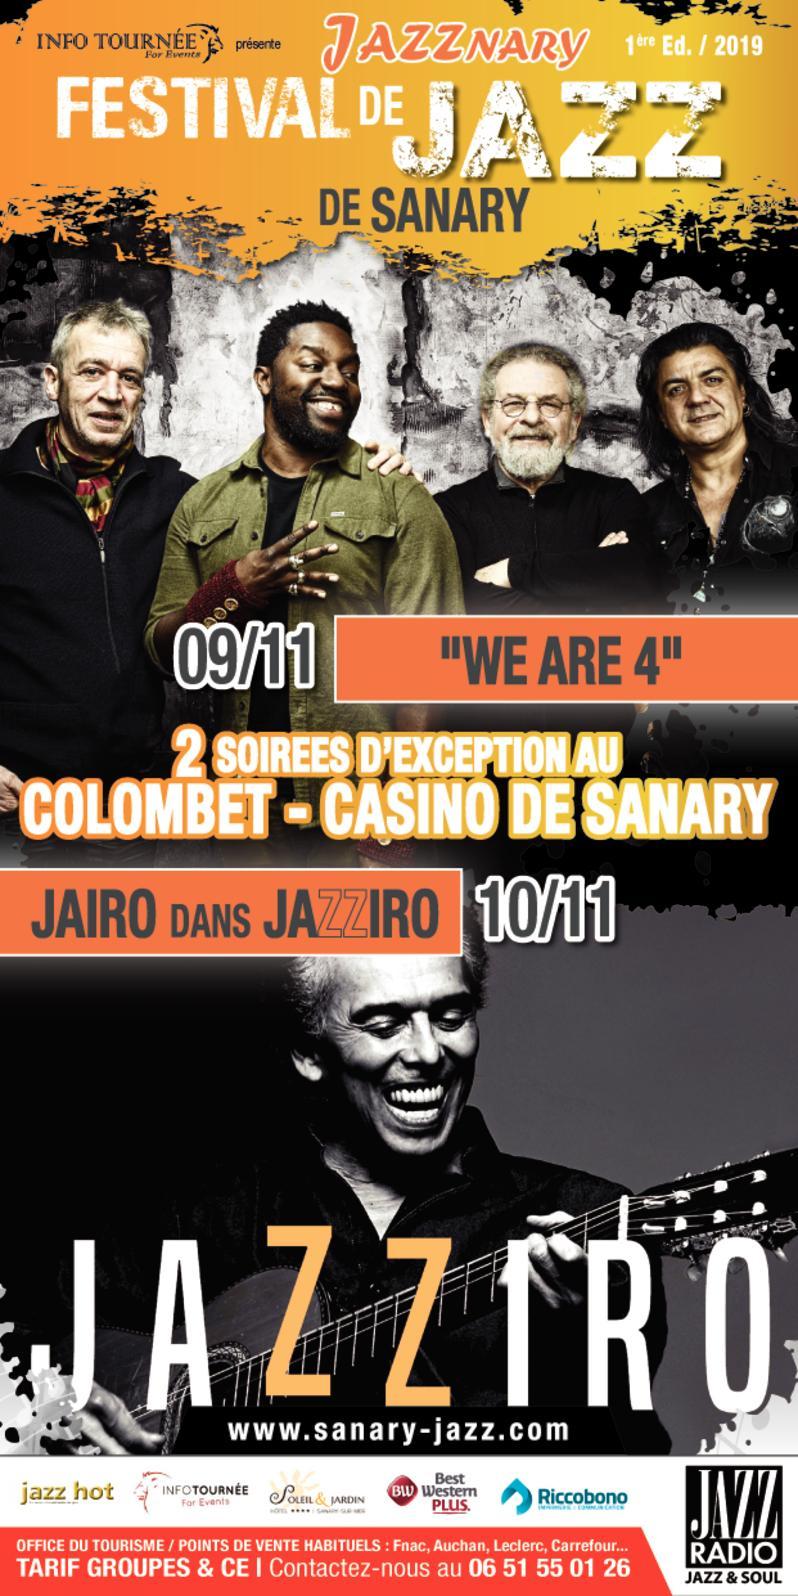 """Résultat de recherche d'images pour """"festival jazz sanary"""""""